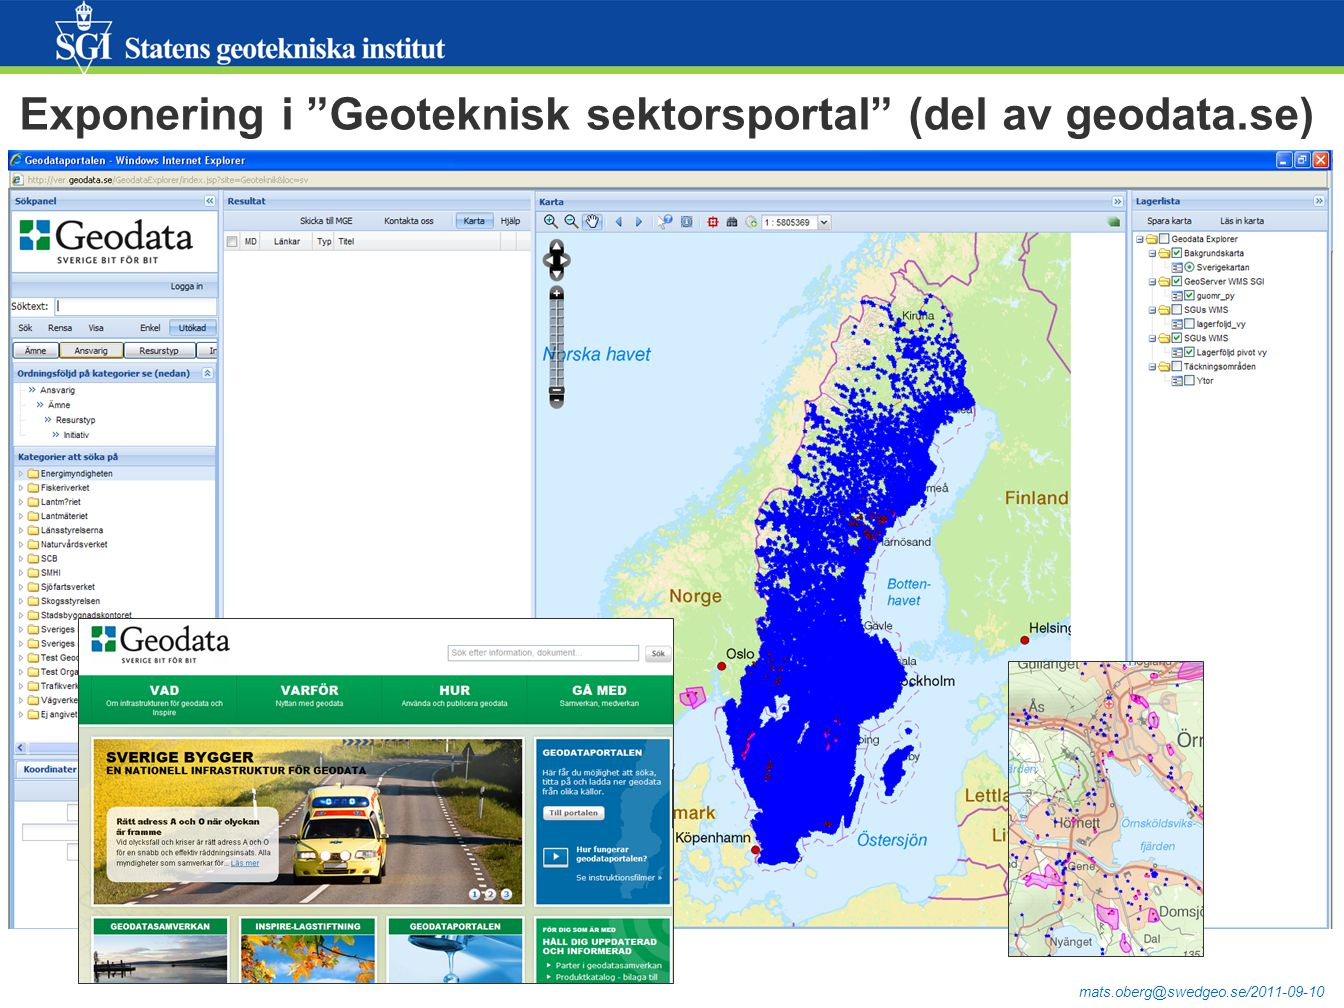 mats.oberg@swedgeo.se/2011-09-10 http://gis.swedgeo.se/startgsp/